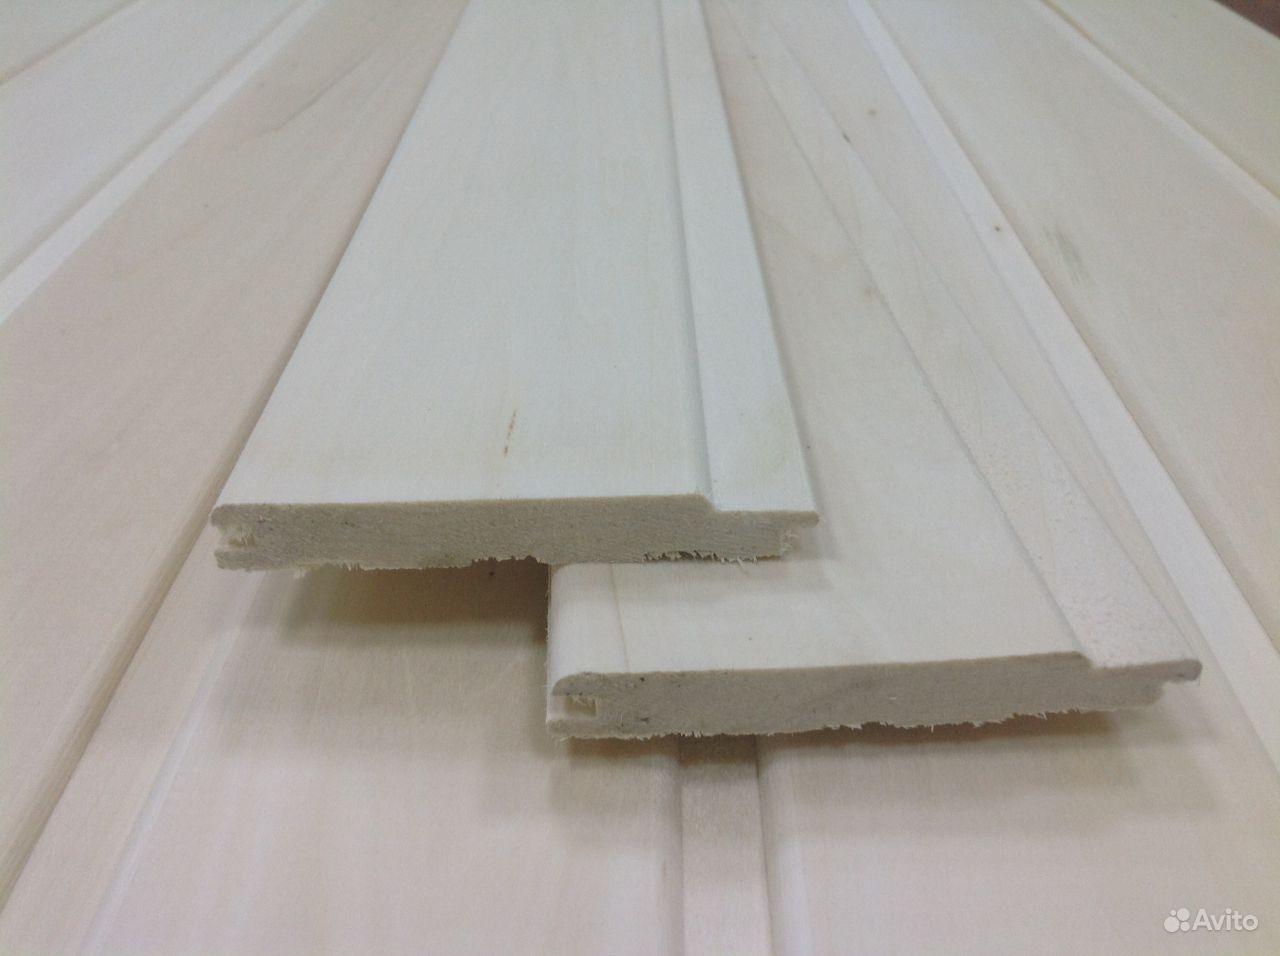 entraxe tasseau lambris plafond prix au m2 renovation neuilly sur seine soci t vvxep. Black Bedroom Furniture Sets. Home Design Ideas